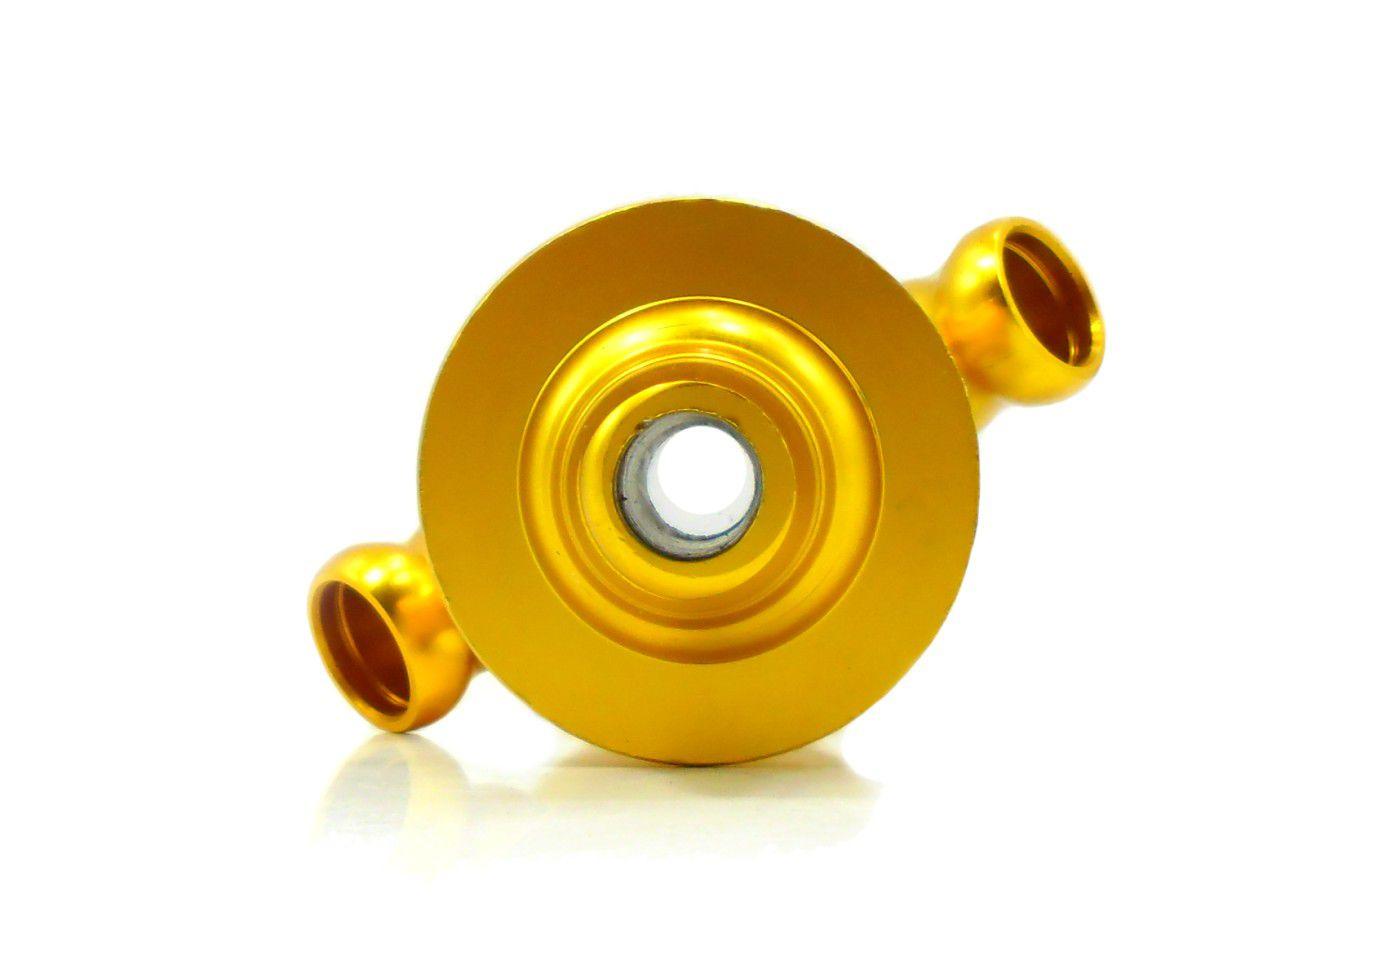 Stem (corpo de narguile) YAHYA Monte Verde, 2 saídas de mangueira, em alumínio anodizado cor dourado